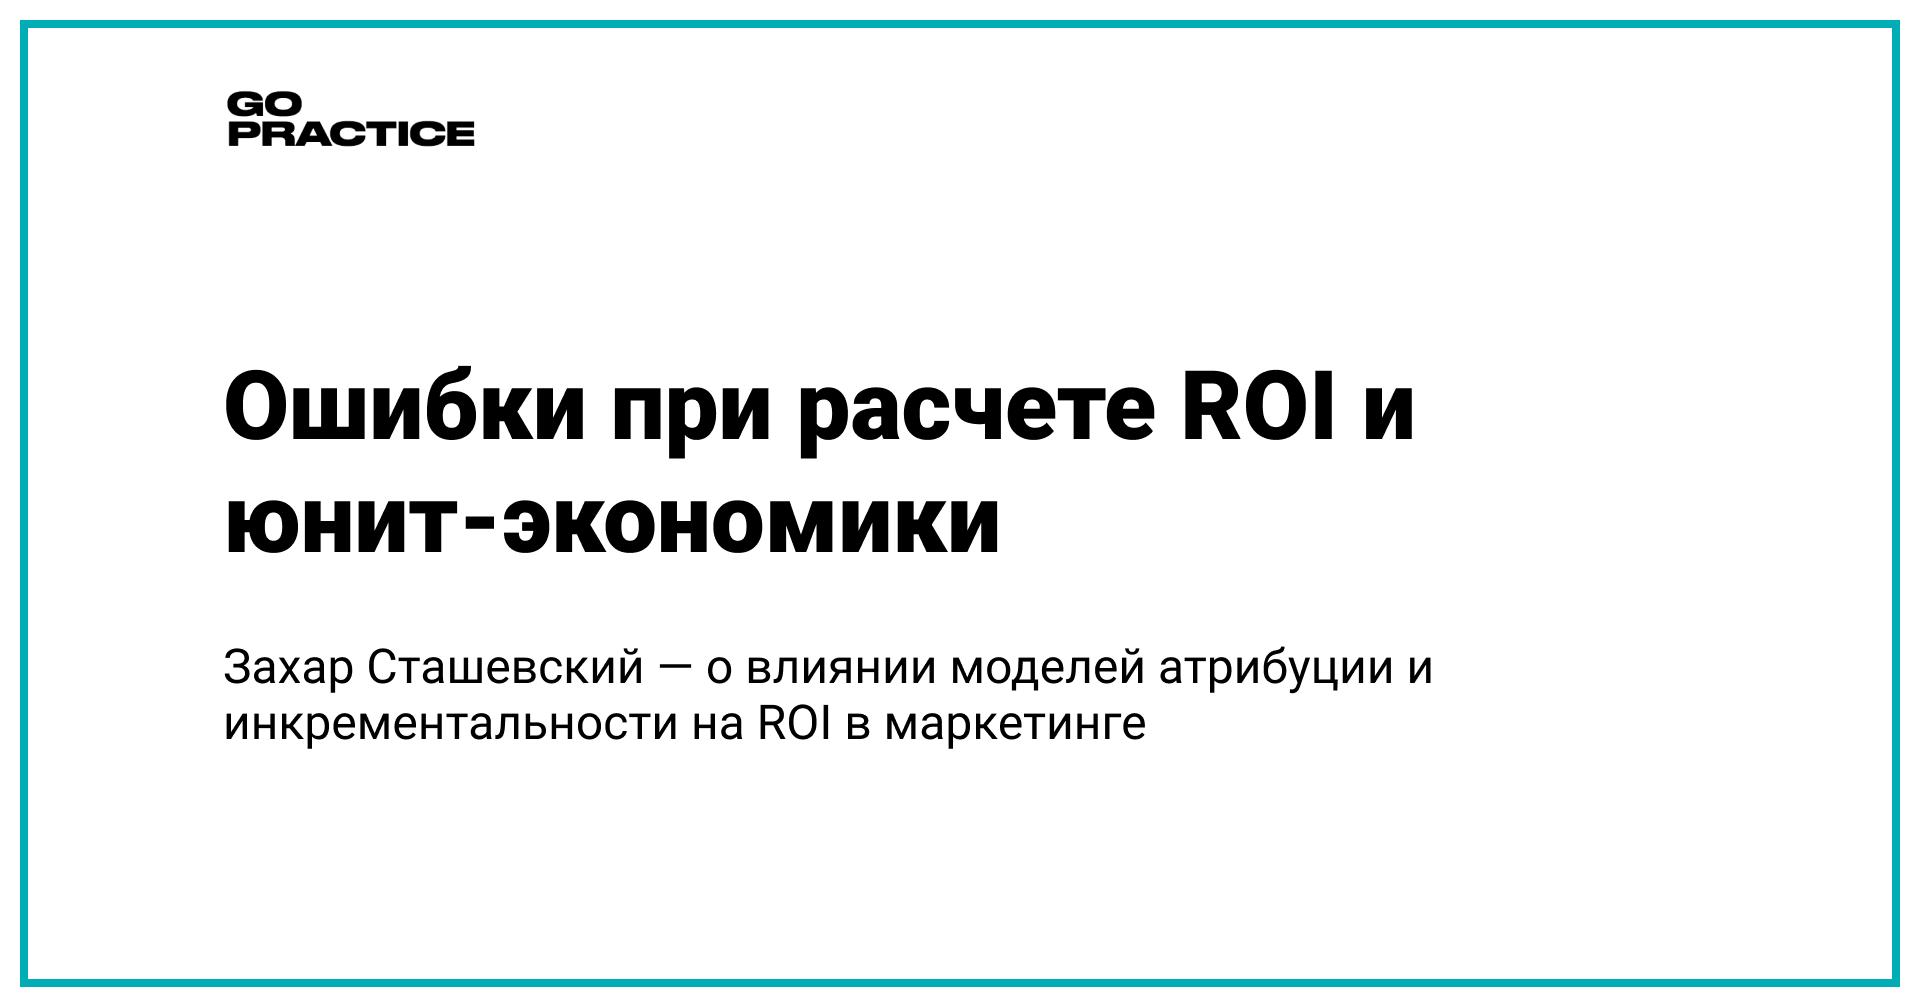 Ошибки при расчете ROI и юнит-экономики. Влияние моделей атрибуции и инкрементальности на ROI в маркетинге